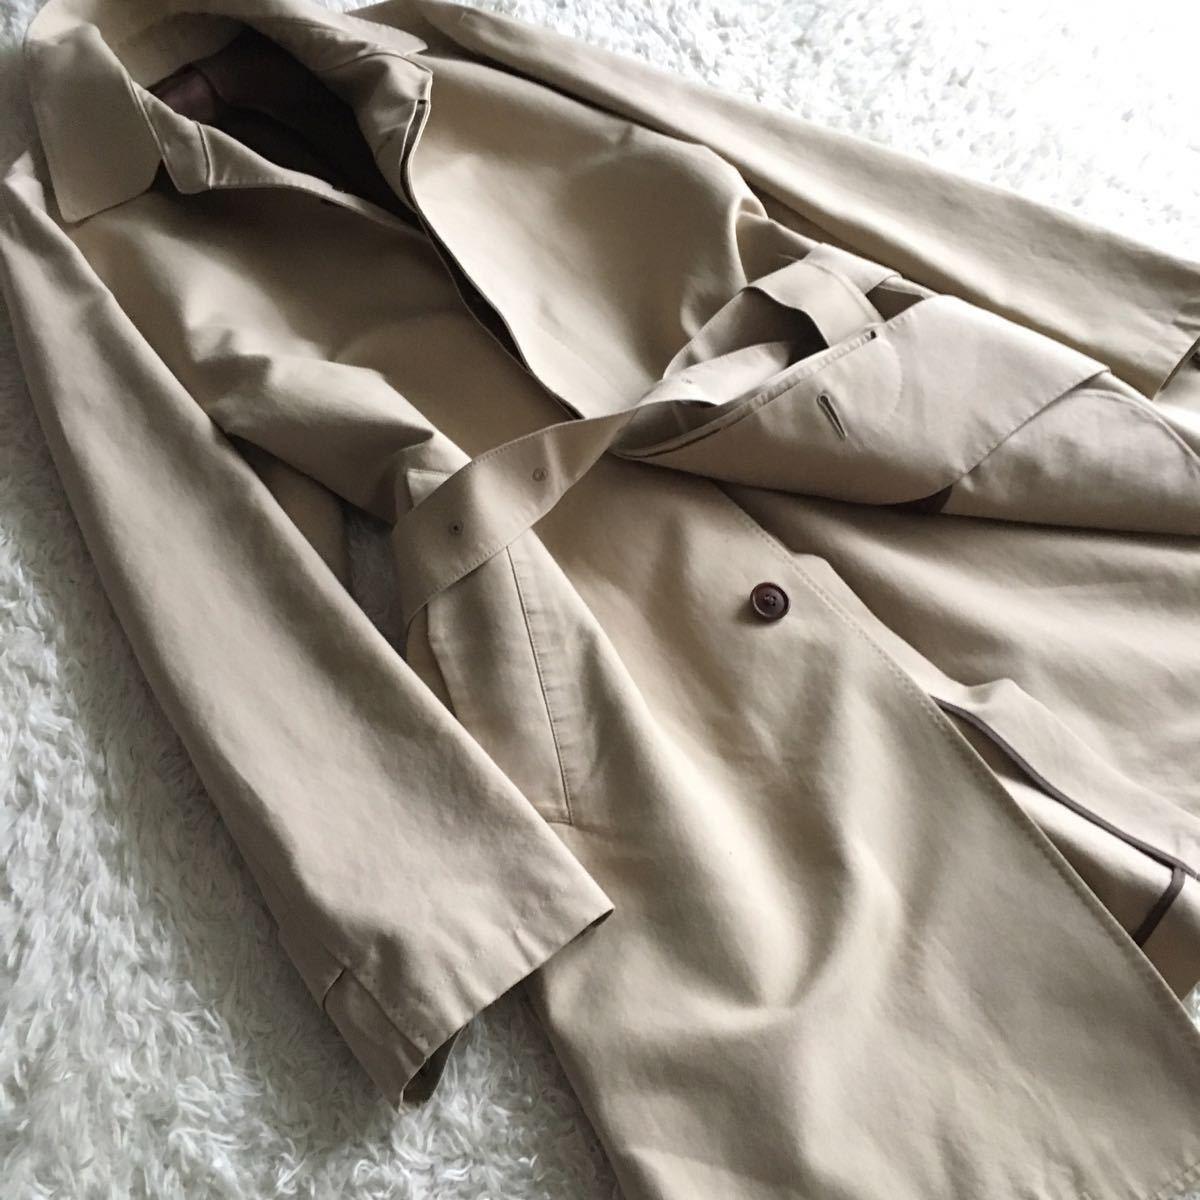 【シルク混】伊ロロピアーナ SPORT FABRICS×シップス ベルト付き スプリングコート メンズ XL_画像7